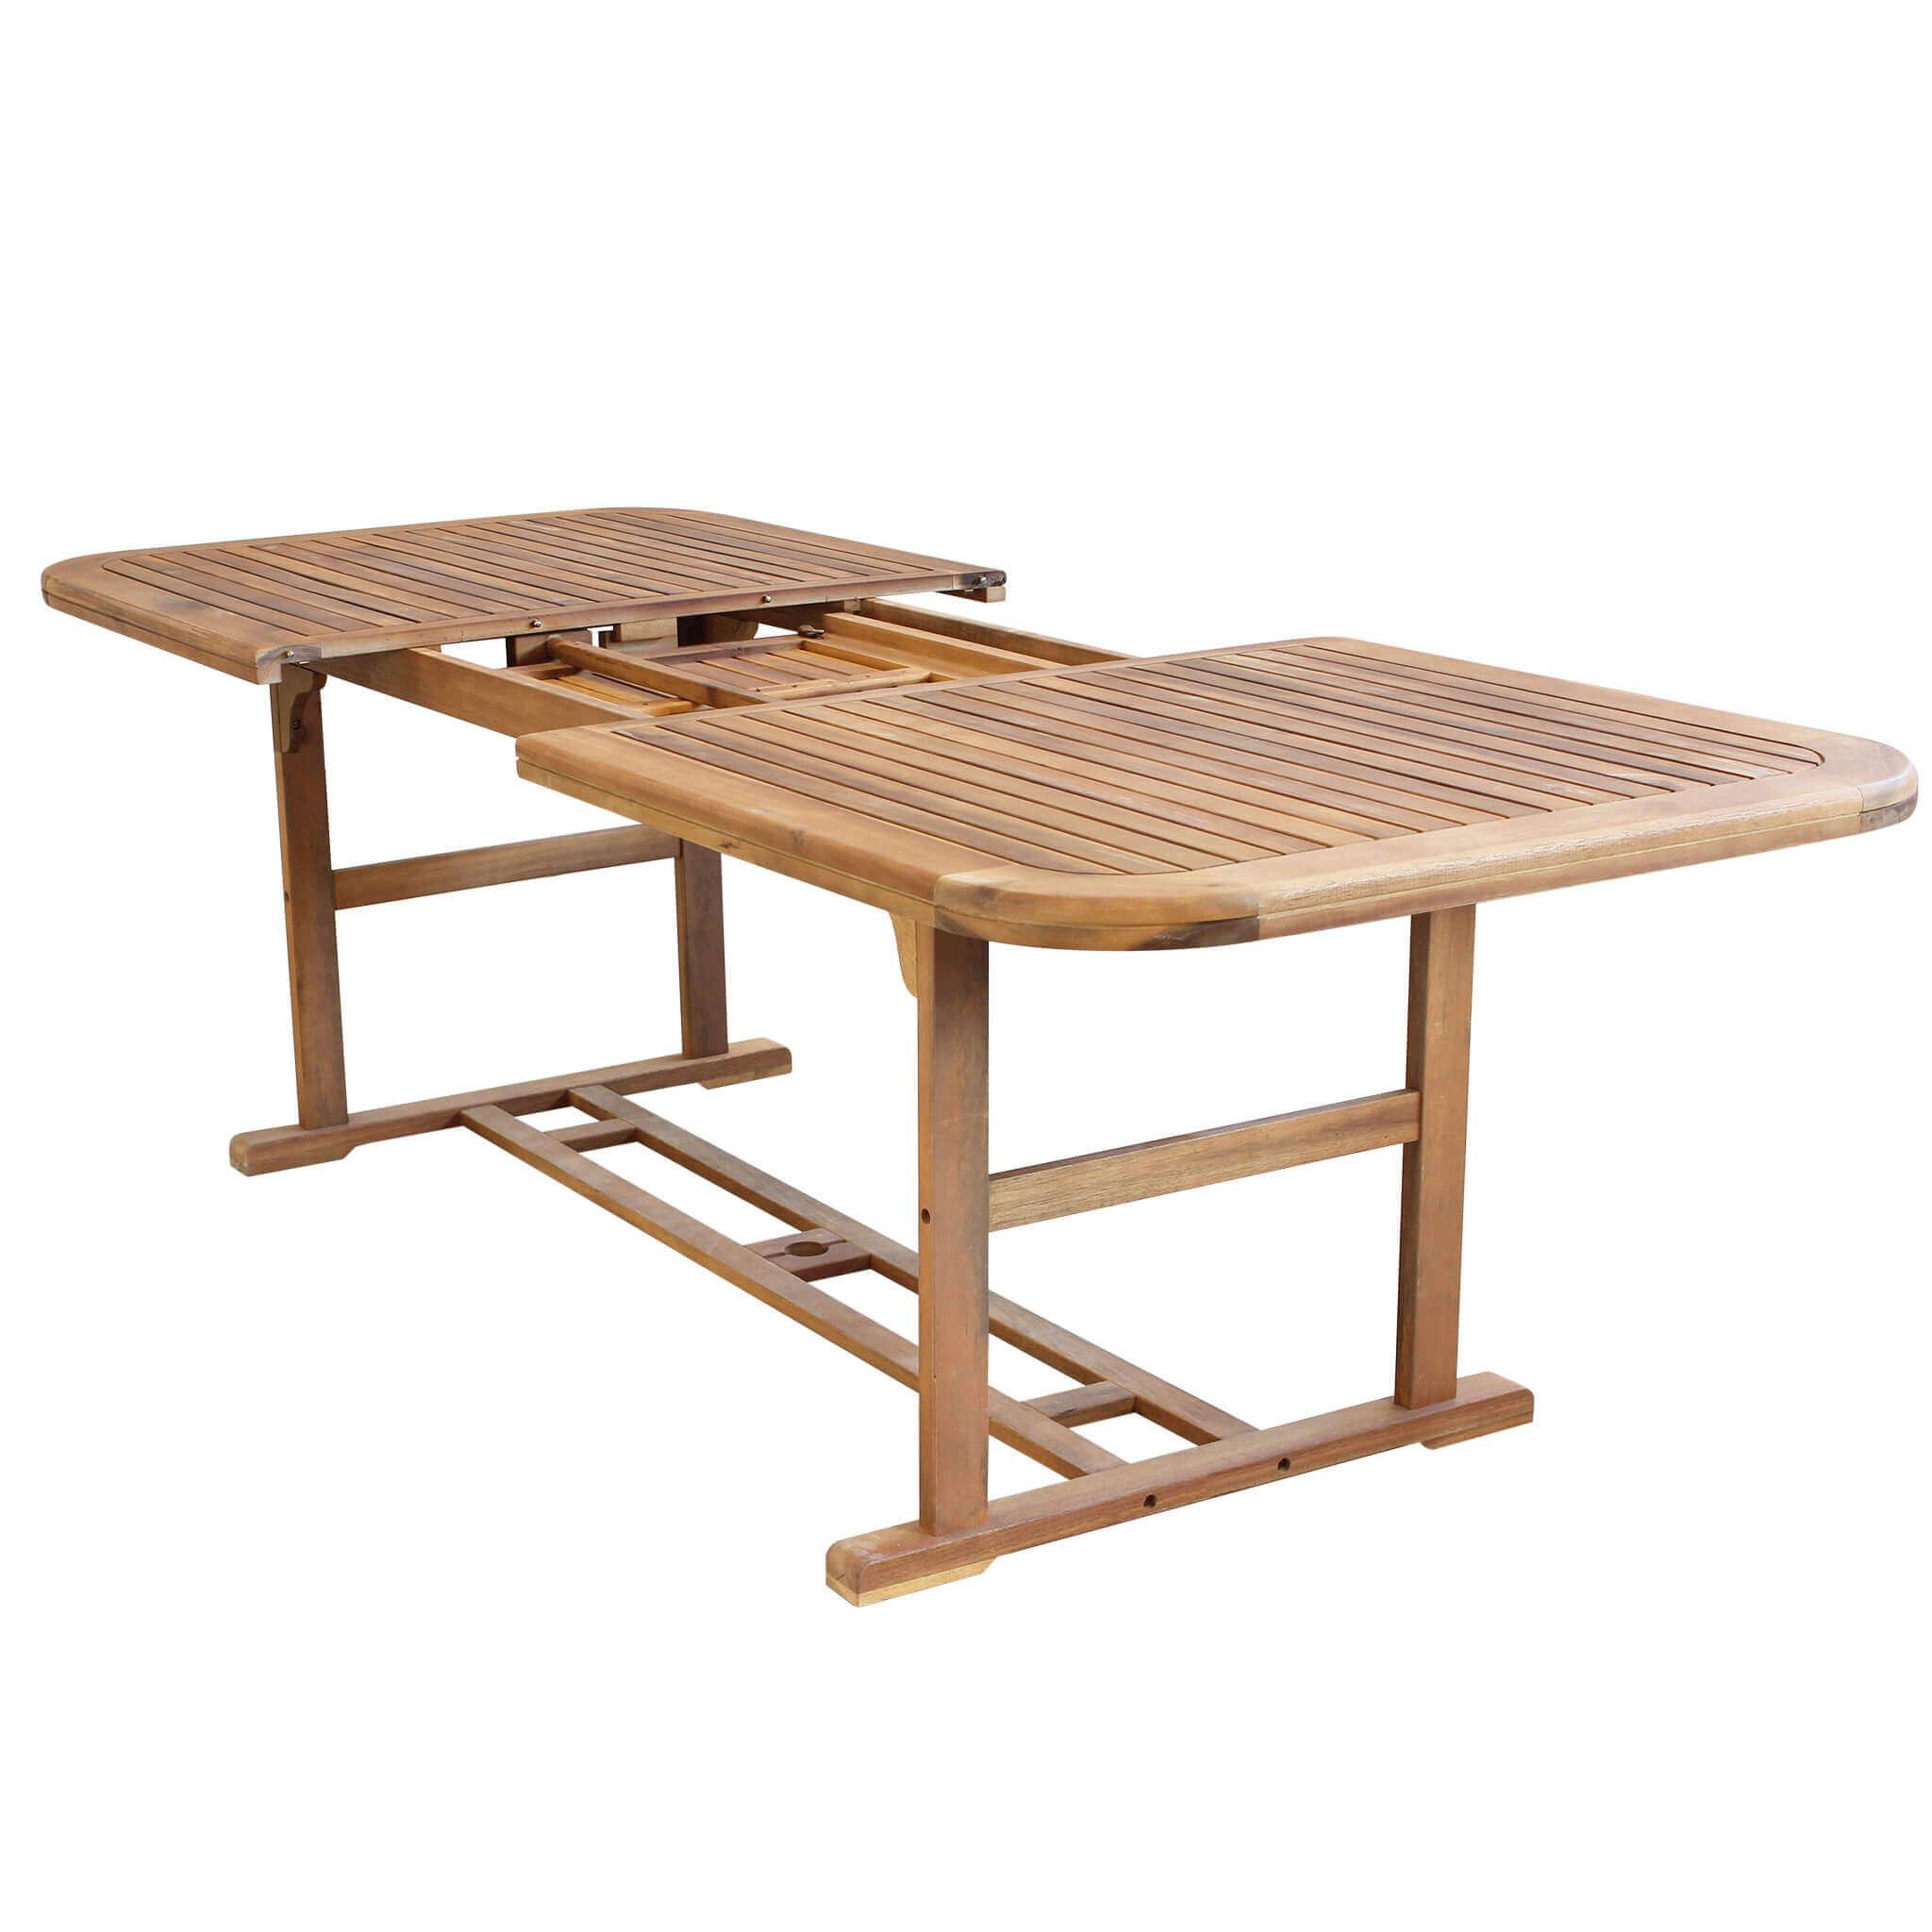 Milani Home TURRIS - tavolo da giardino allungabile in legno massiccio di acacia 180/240 x 100